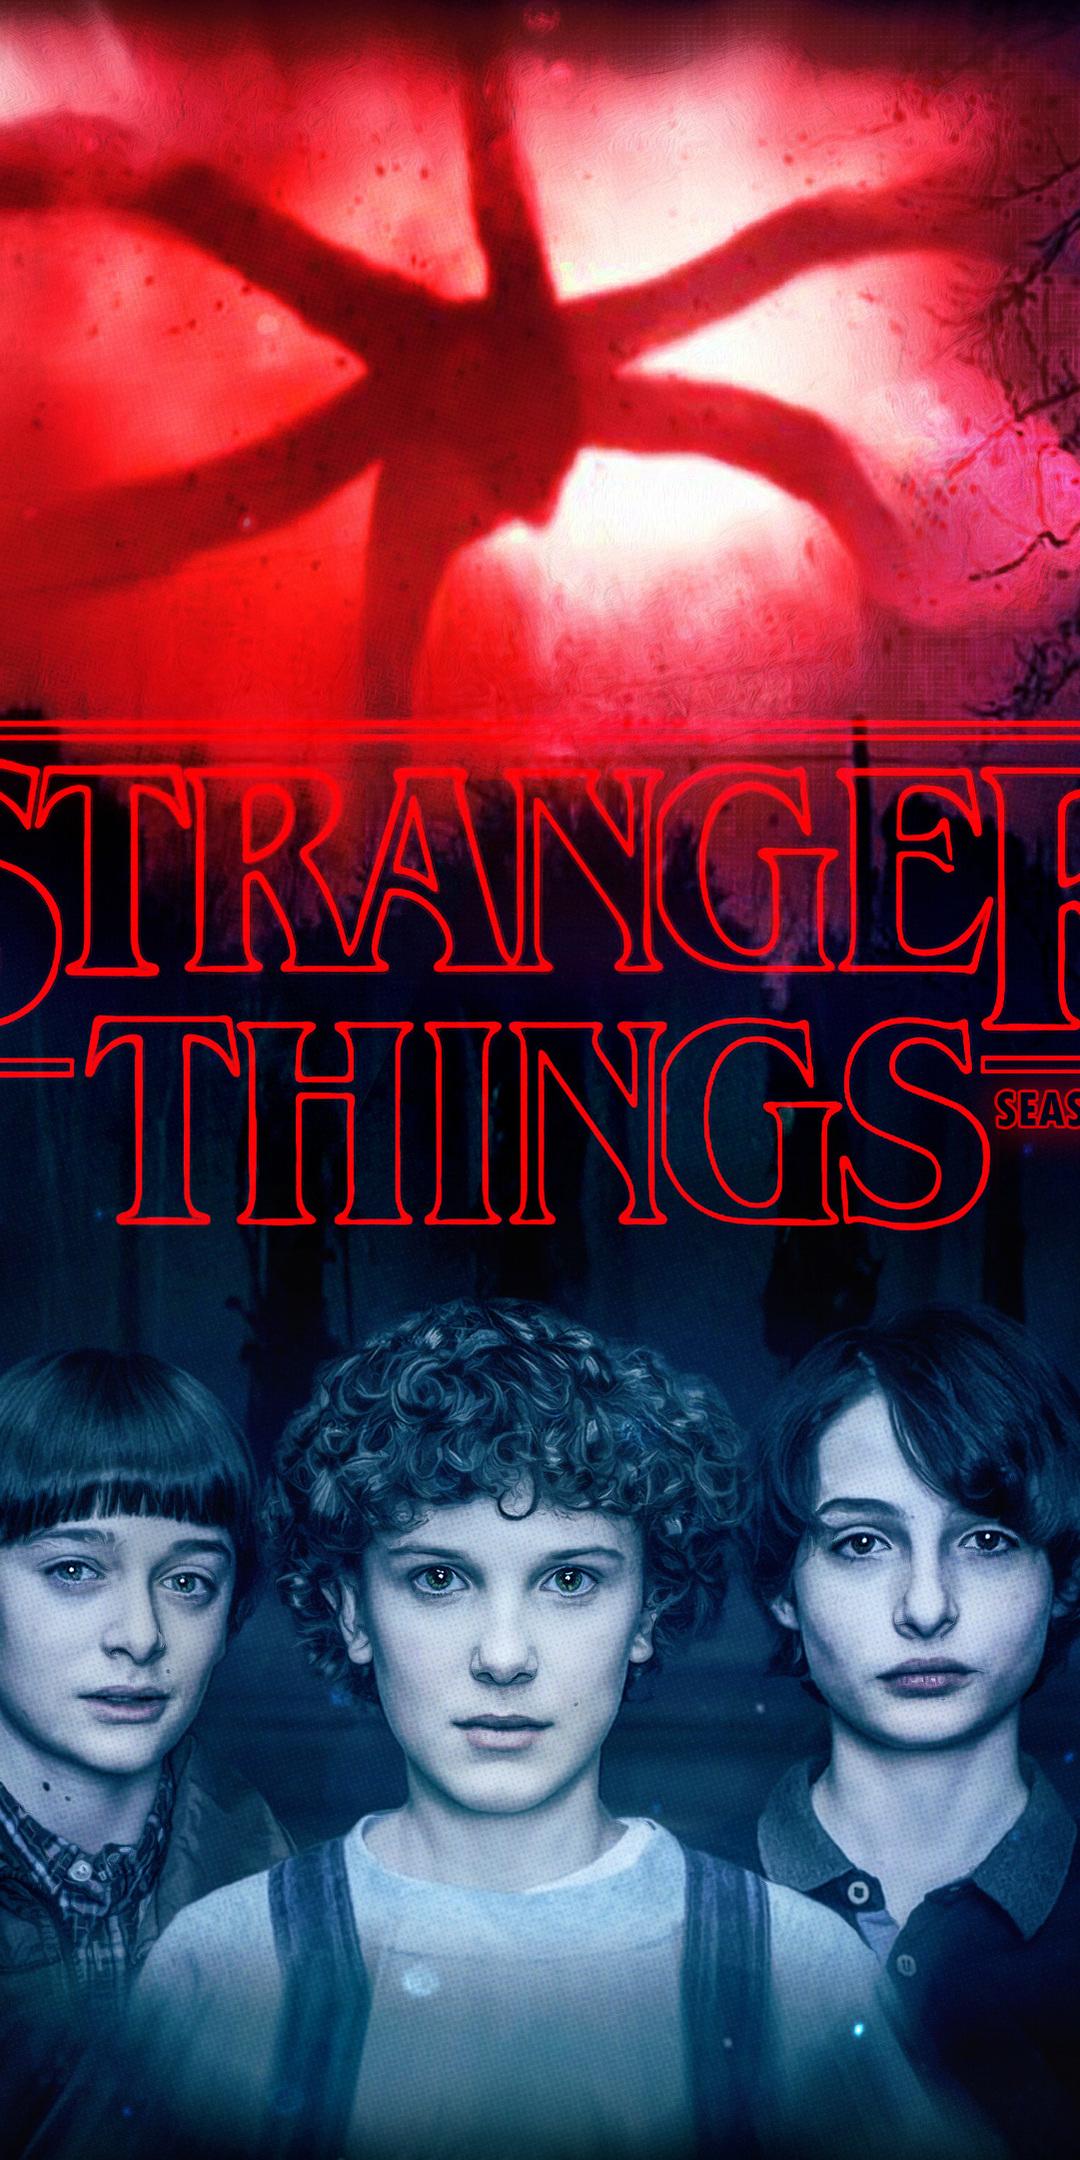 stranger-things-season-2-2017-poster-72.jpg